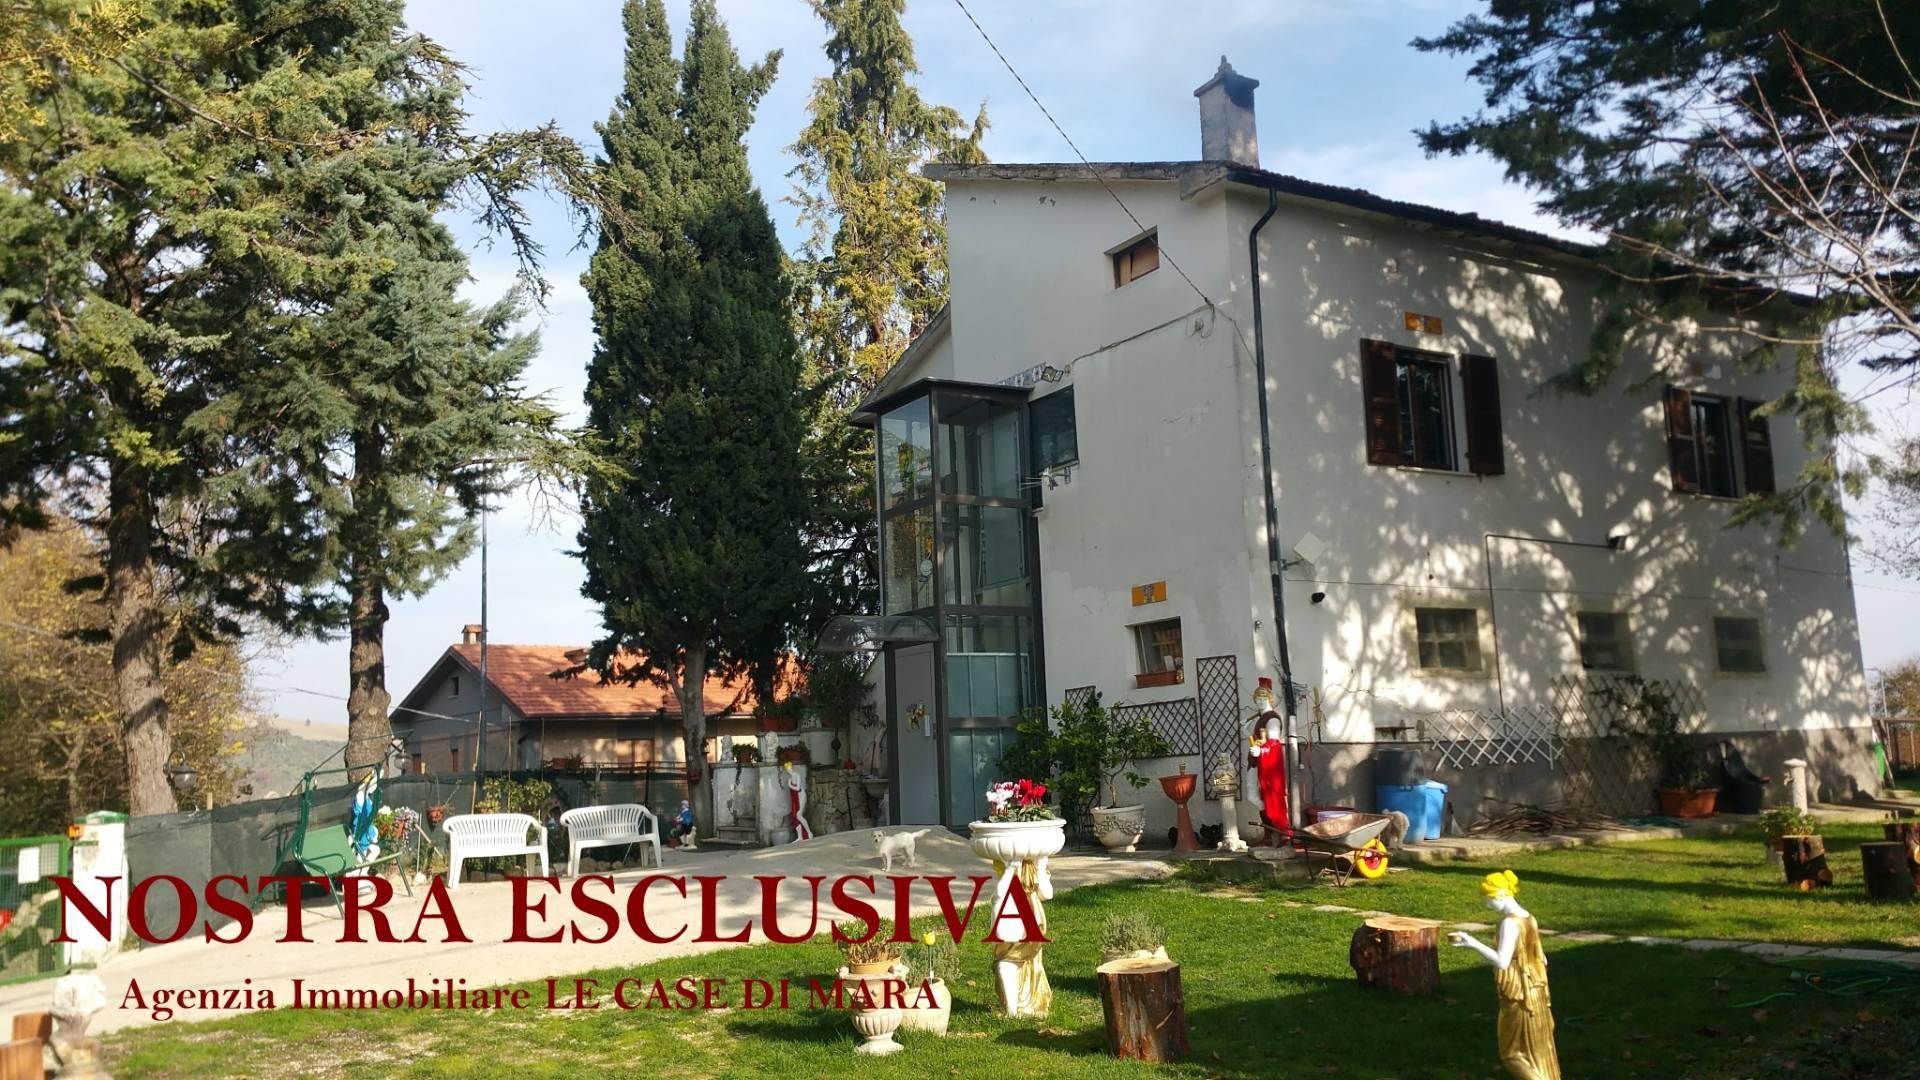 Rustico / Casale in vendita a Ascoli Piceno, 7 locali, zona Località: MonticelliAlto, prezzo € 350.000 | Cambio Casa.it